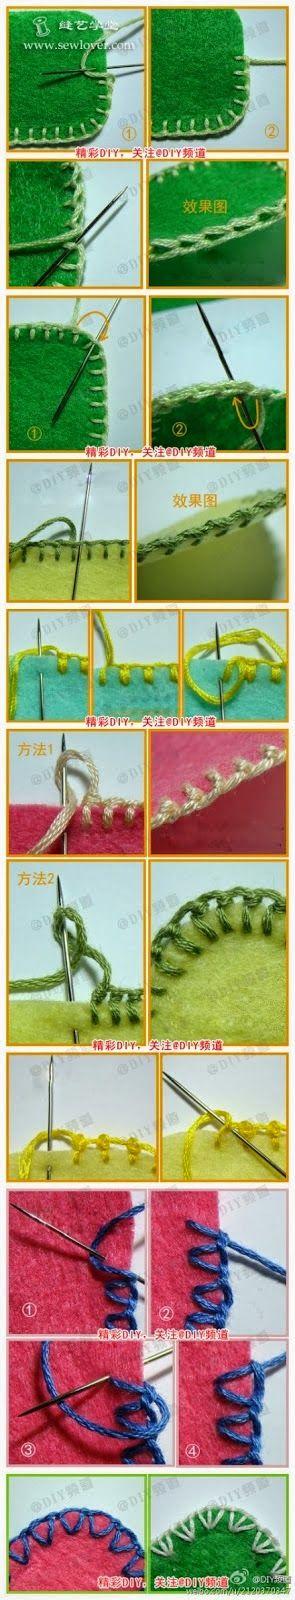 nural-ca herşey: açıklamalı resimli keçe kenarı dikim örnekleri